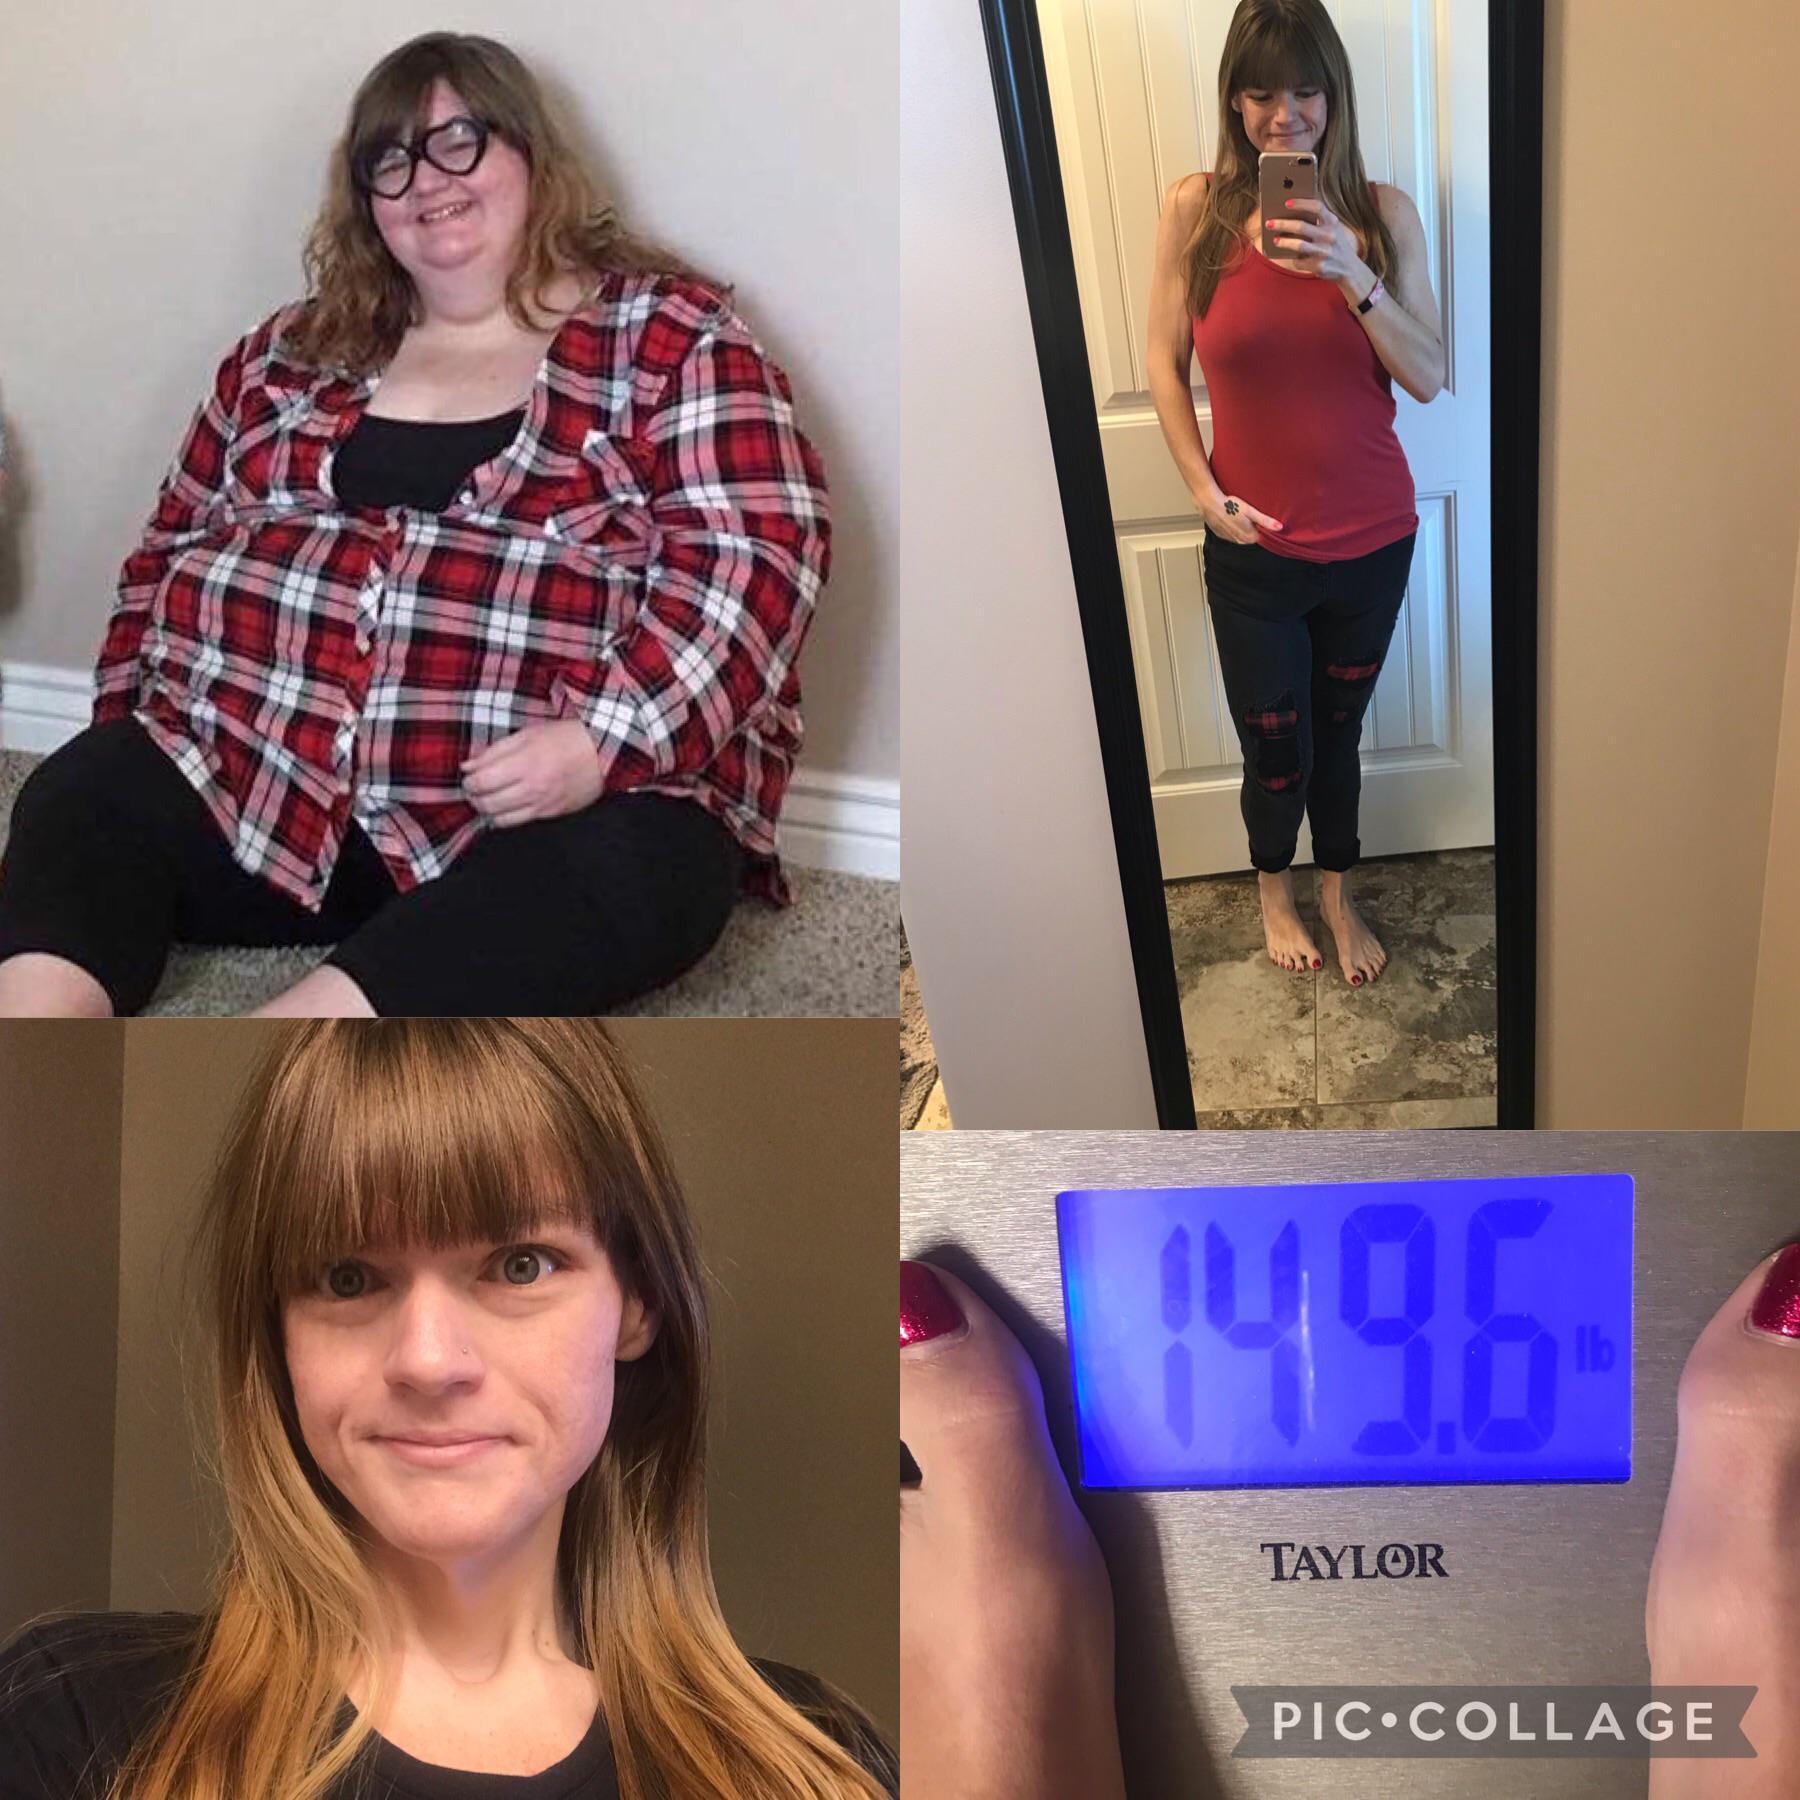 5 feet 6 Female 276 lbs Weight Loss 425 lbs to 149 lbs